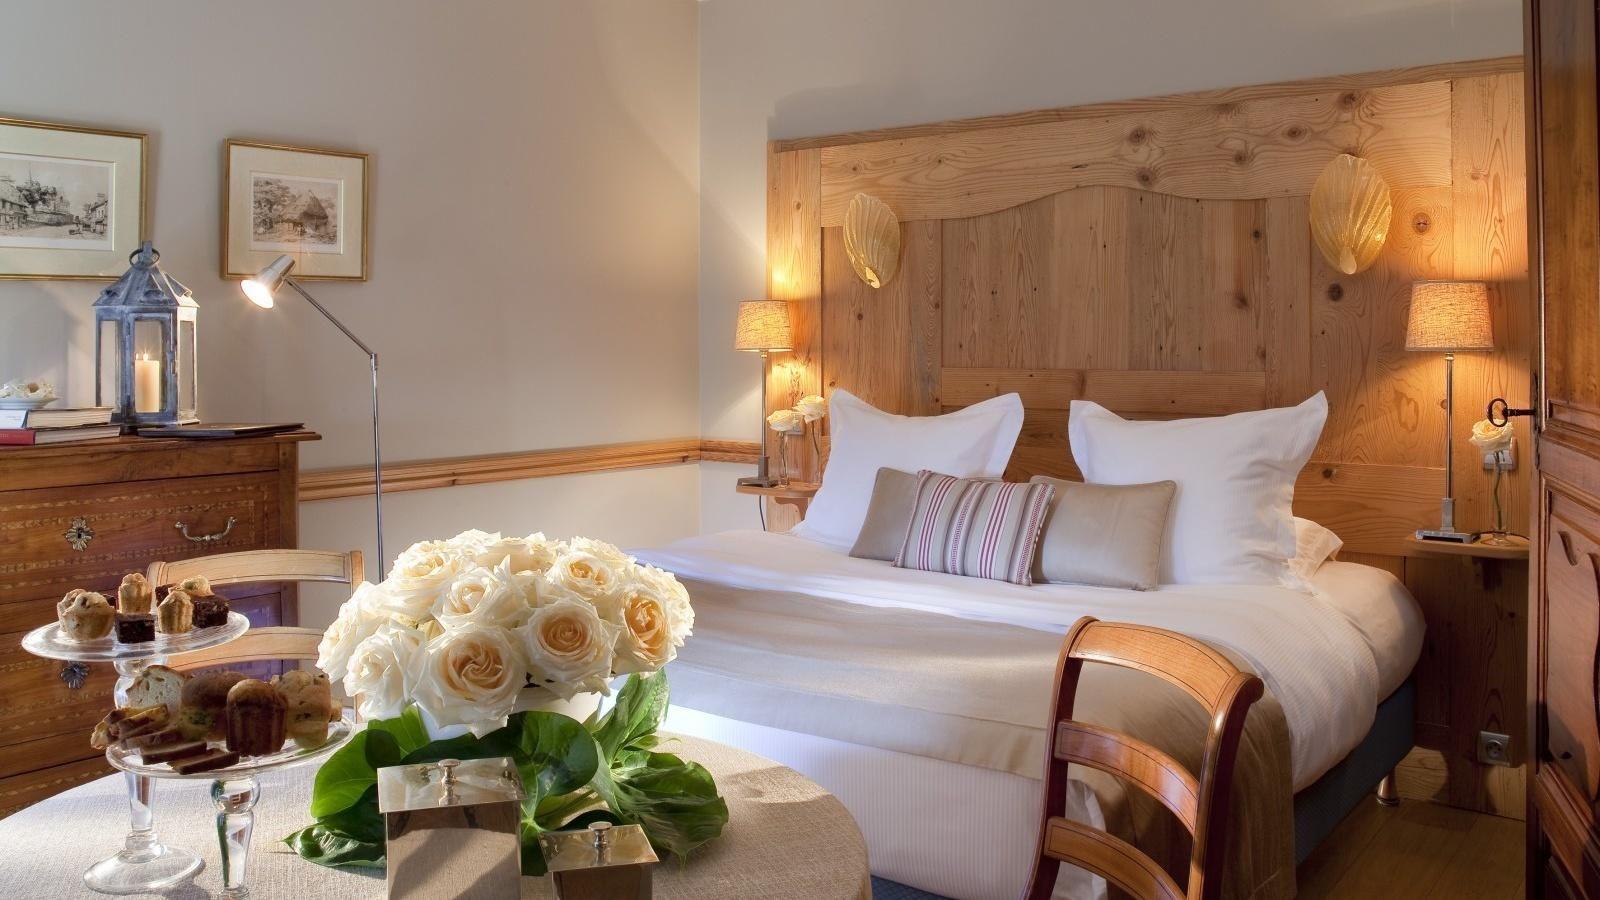 Hotel La Ferme Saint Simeon -  Tweepersoonskamer